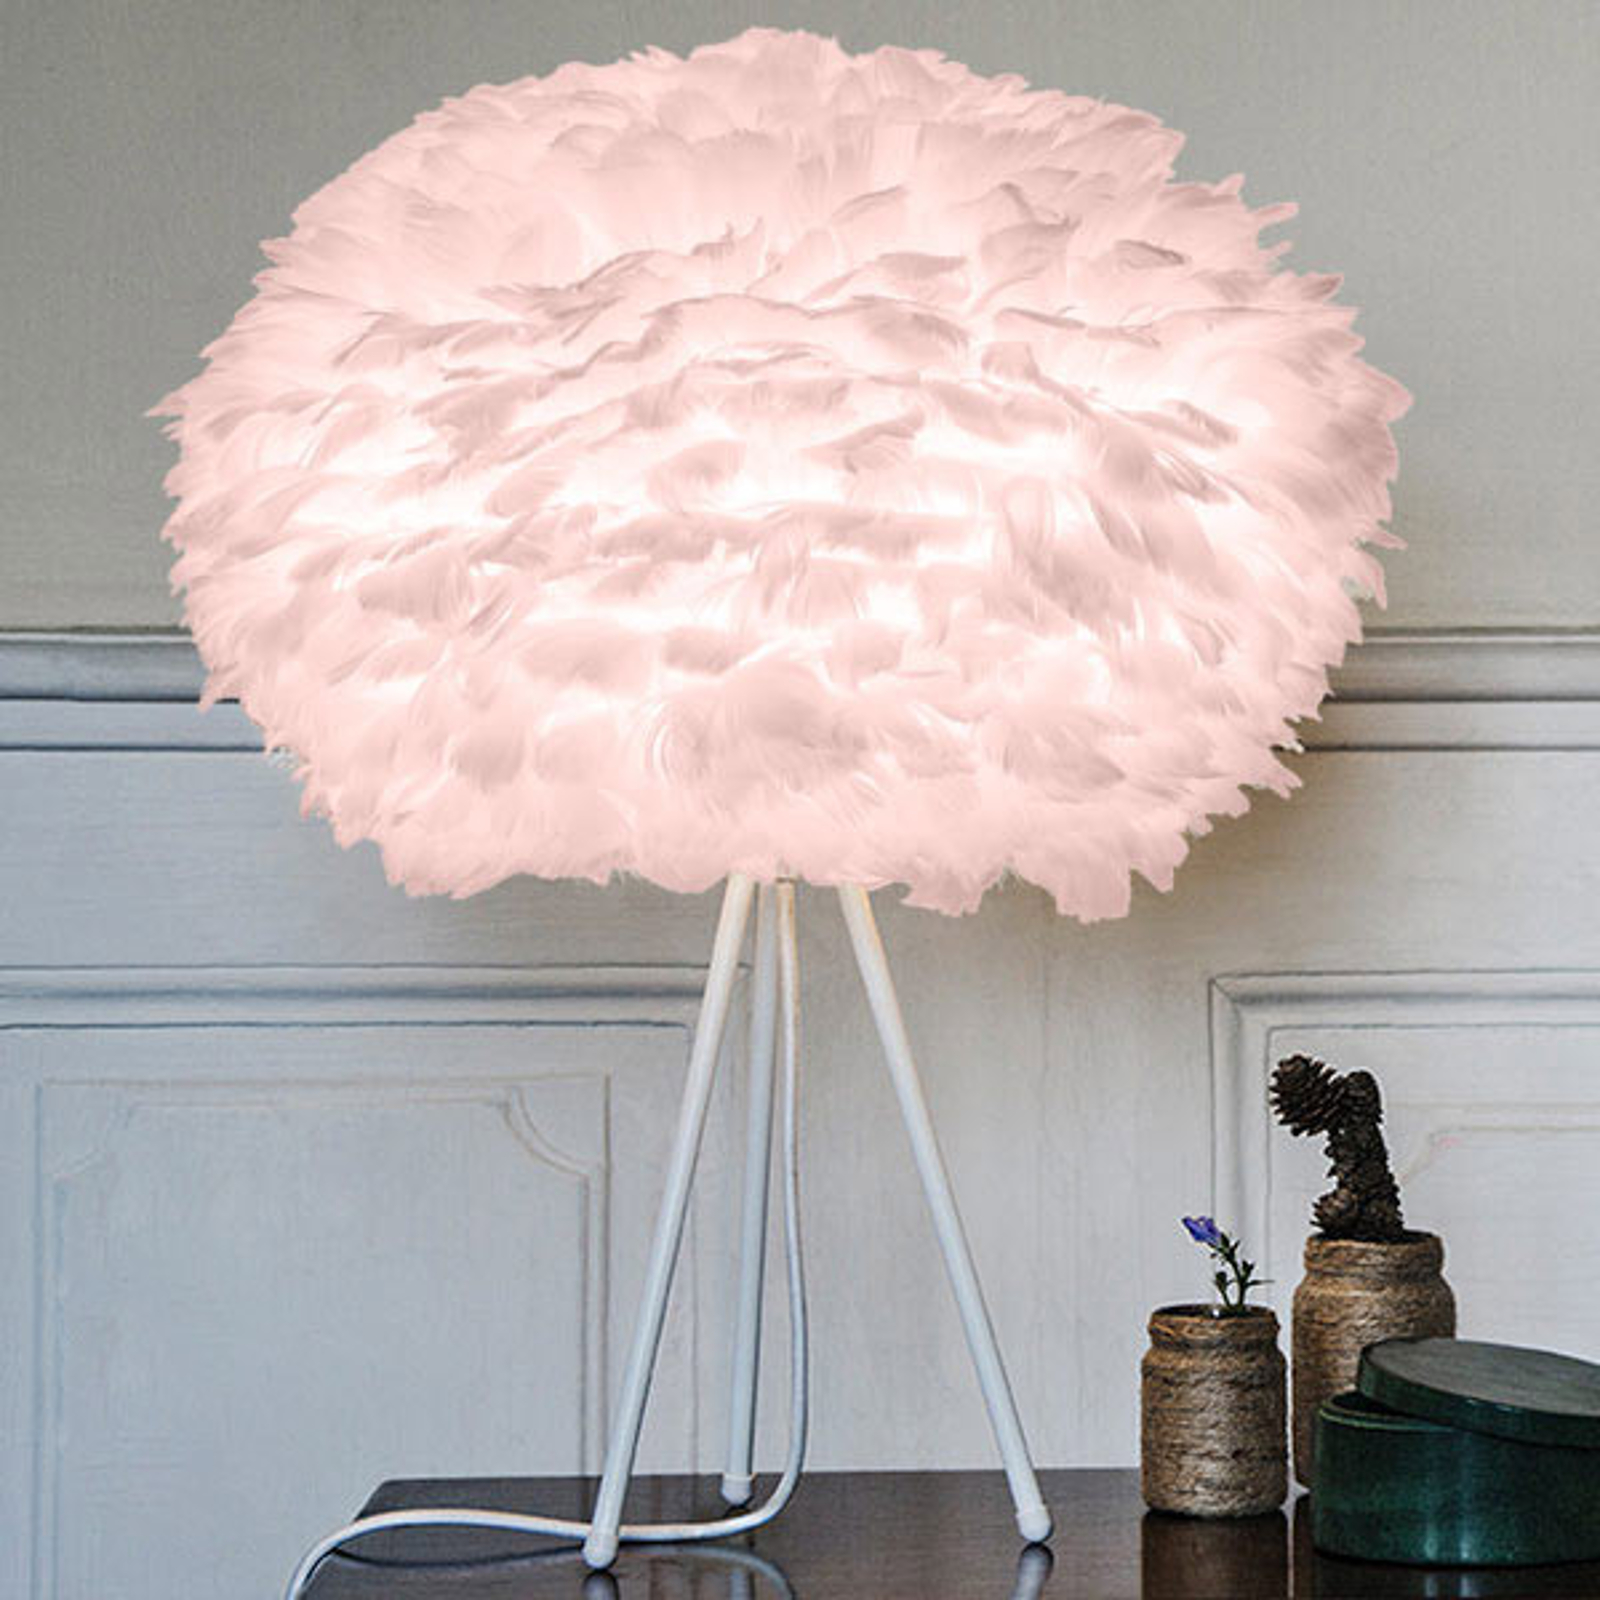 Acquista Umage Eos Medium Lampada Da Tavolo Rosa Bianco Lampade It